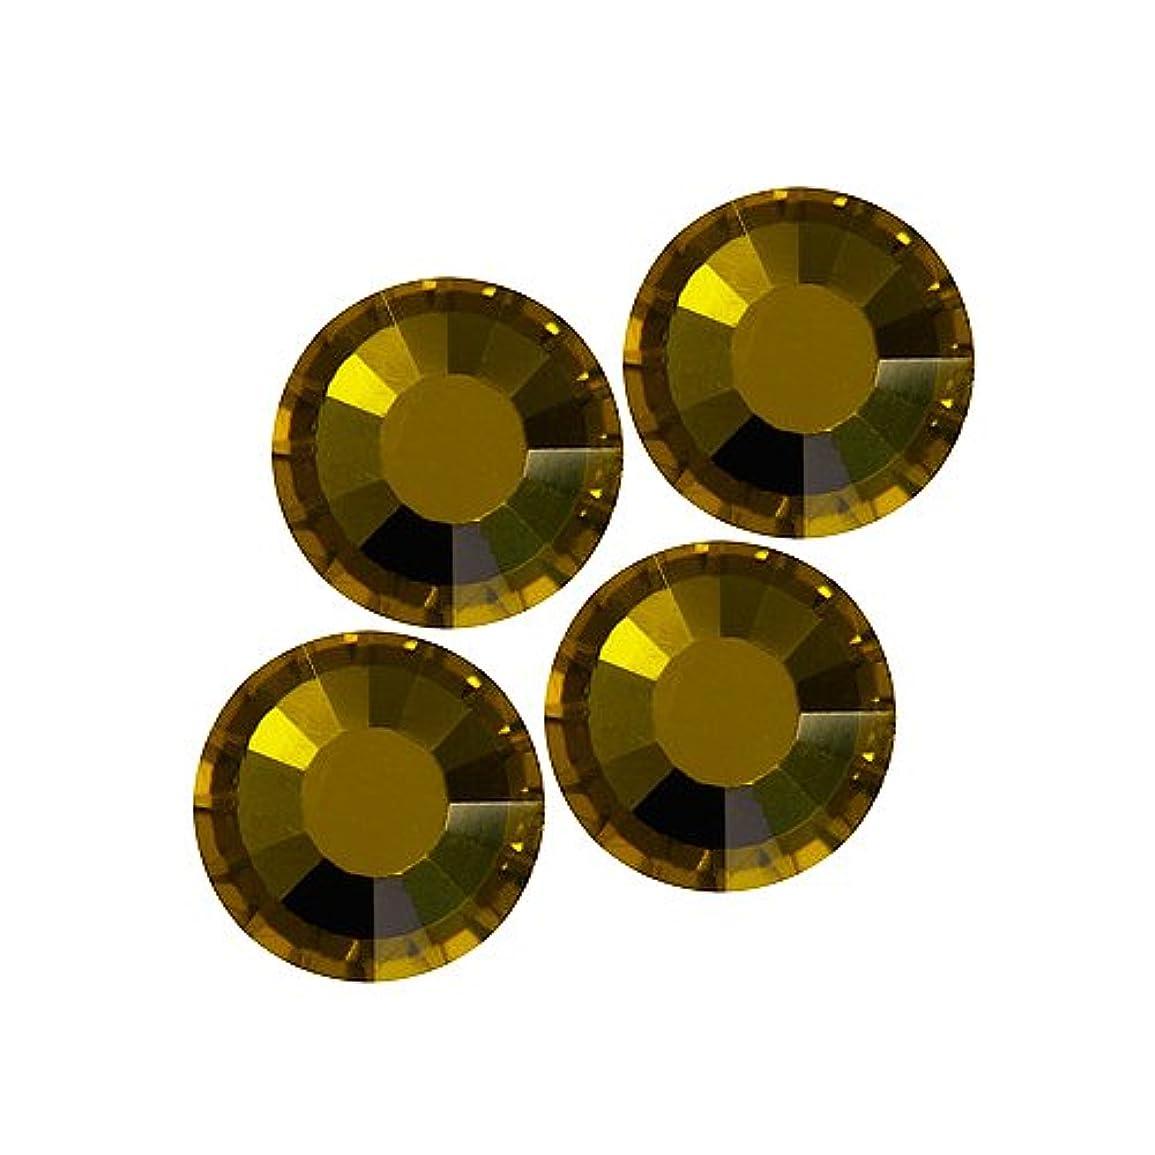 アクセシブルブランクフィールドバイナル DIAMOND RHINESTONE オリビン SS6 1440粒 ST-SS6-OLI-10G